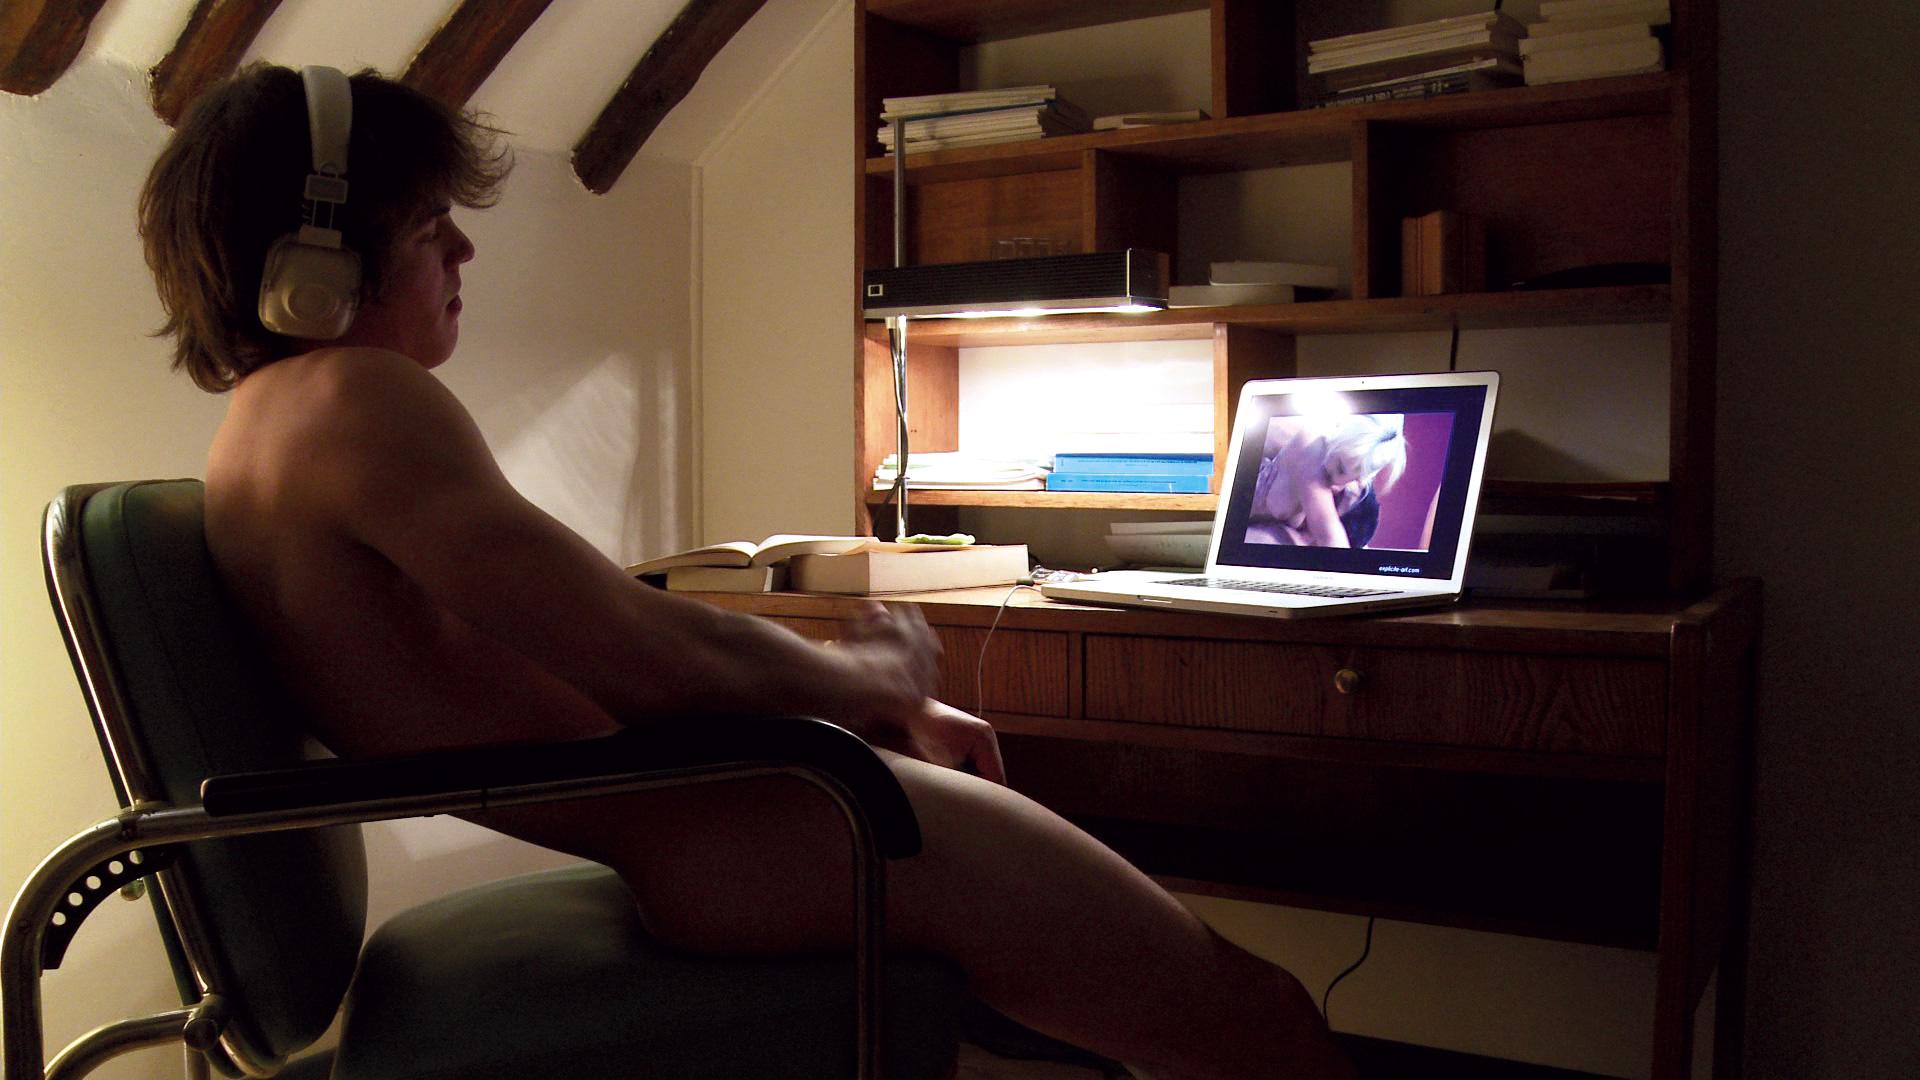 Секс с француженками бесплатно без регистрации 12 фотография